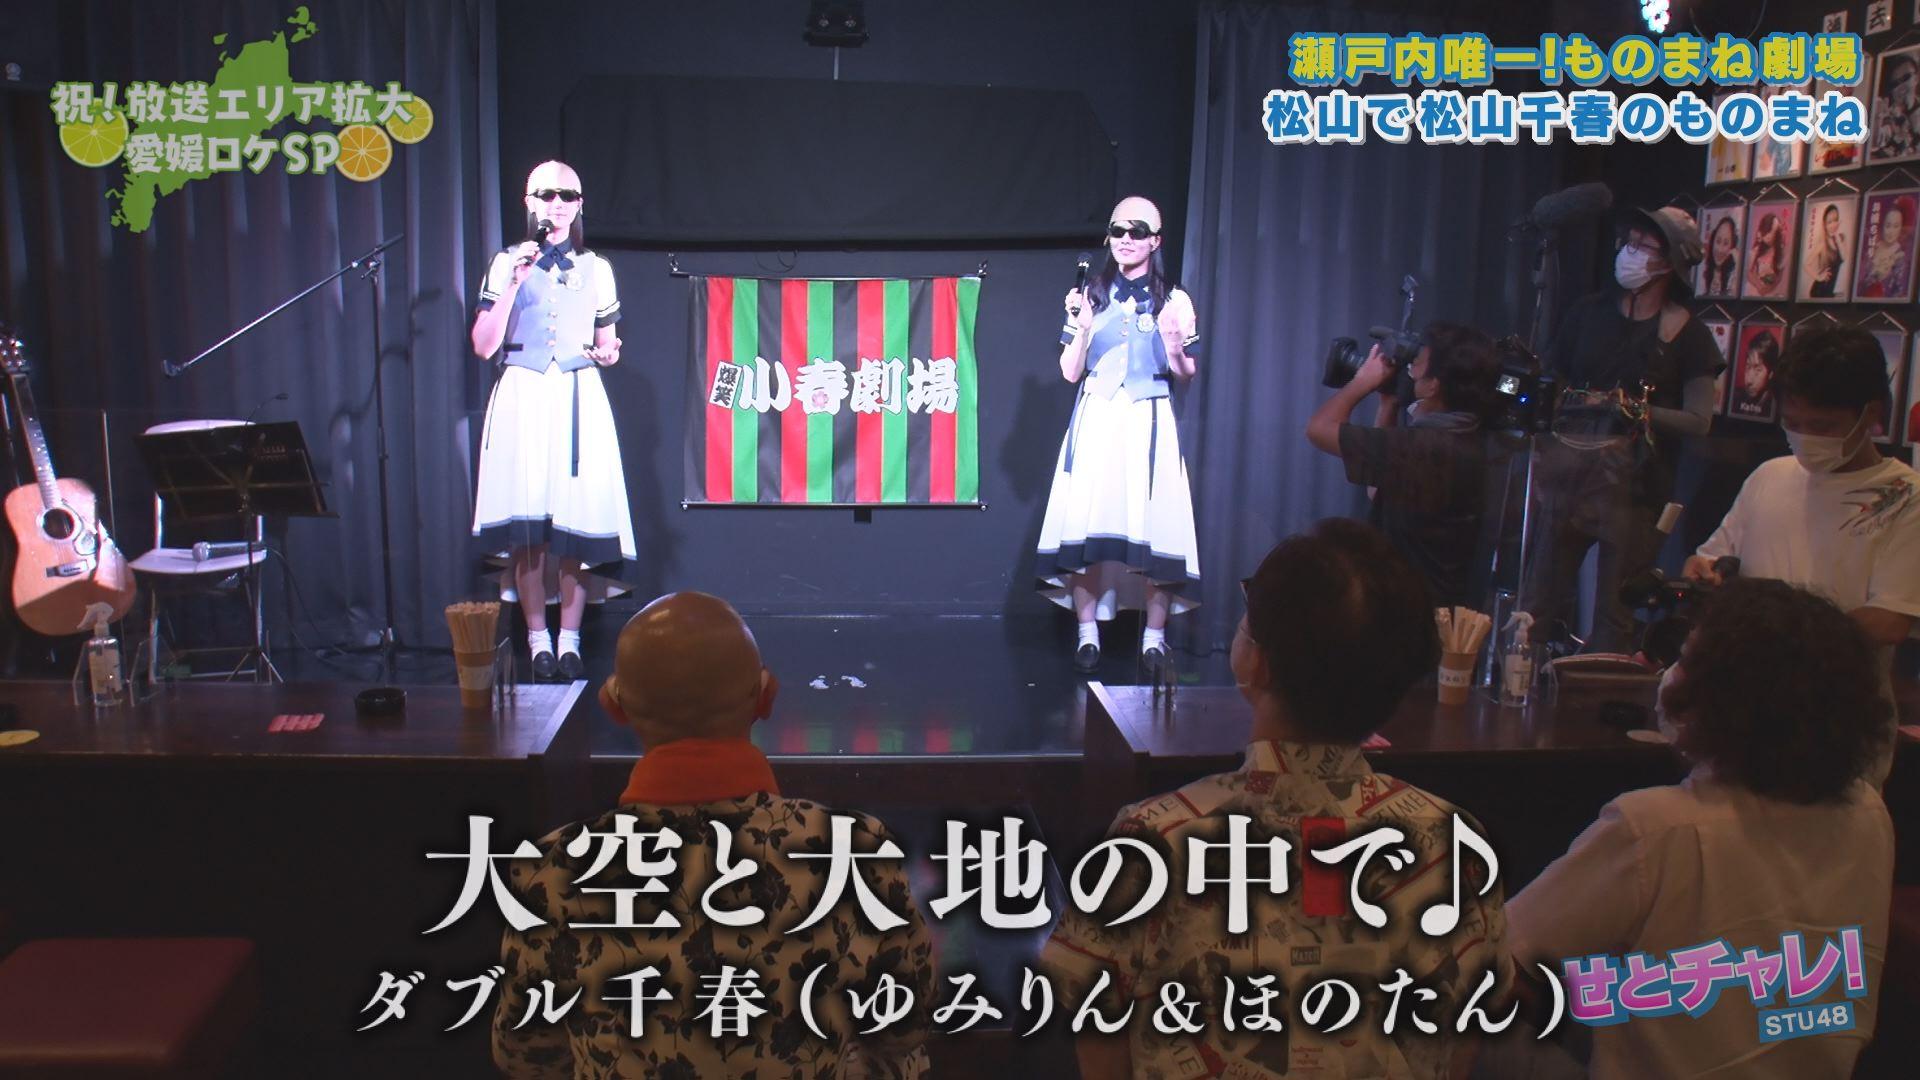 アイドルの新境地!チャレンジ中のSTU48瀧野&矢野